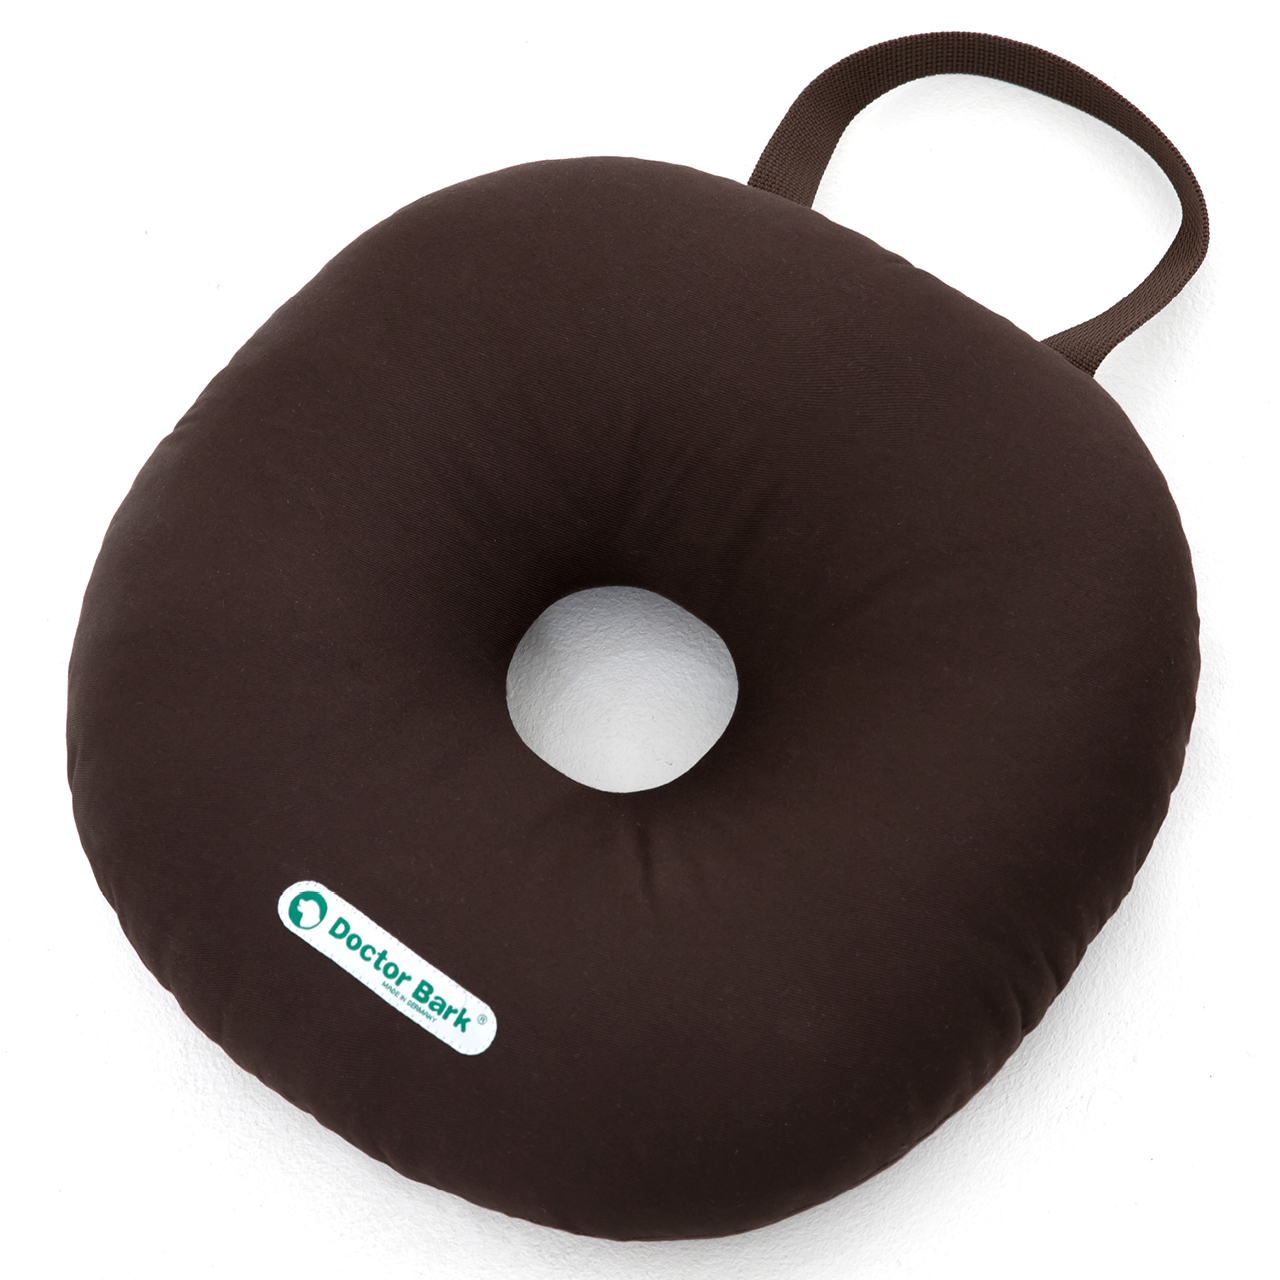 Toy Donut - round braun